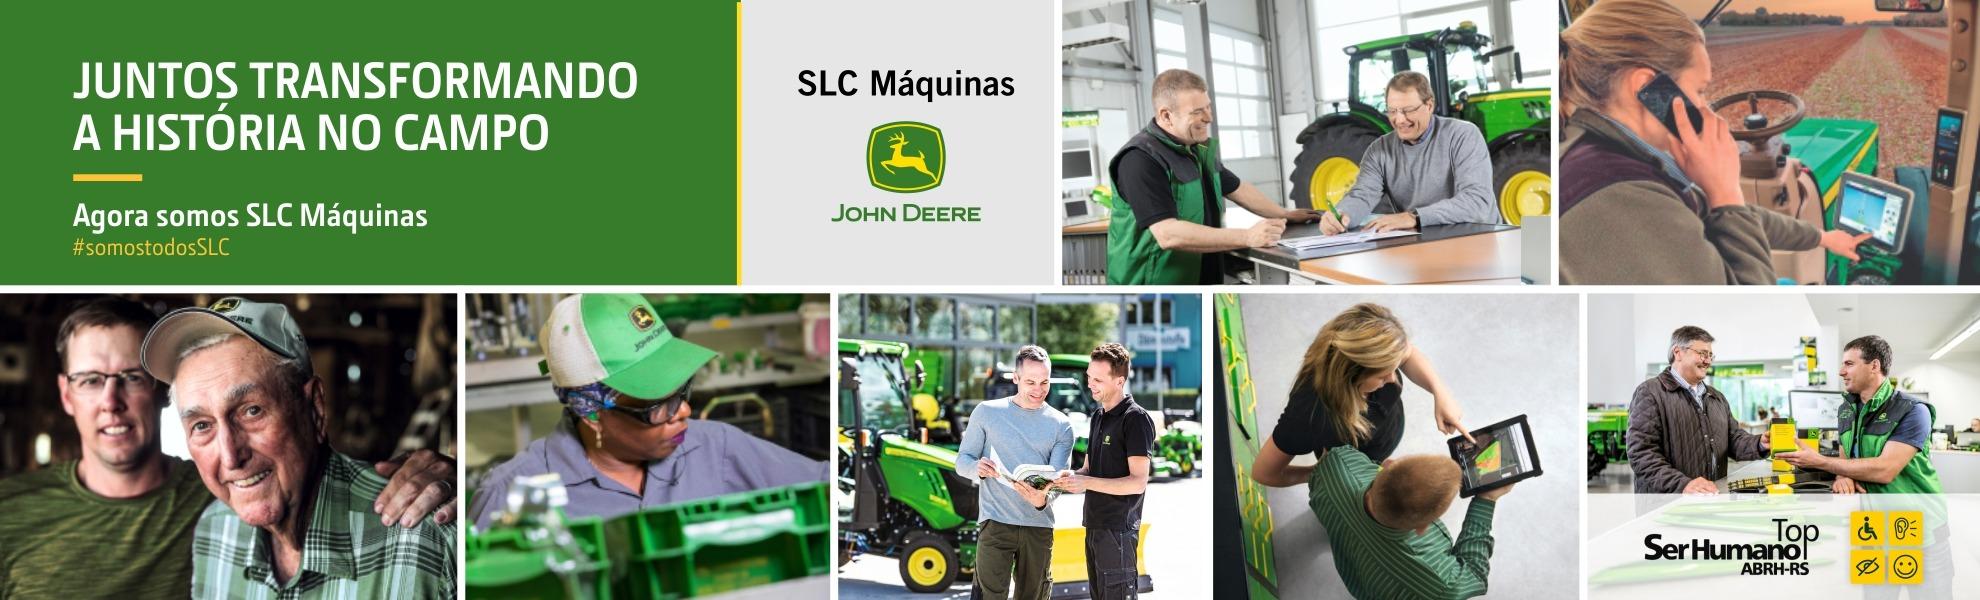 SLC Máquinas